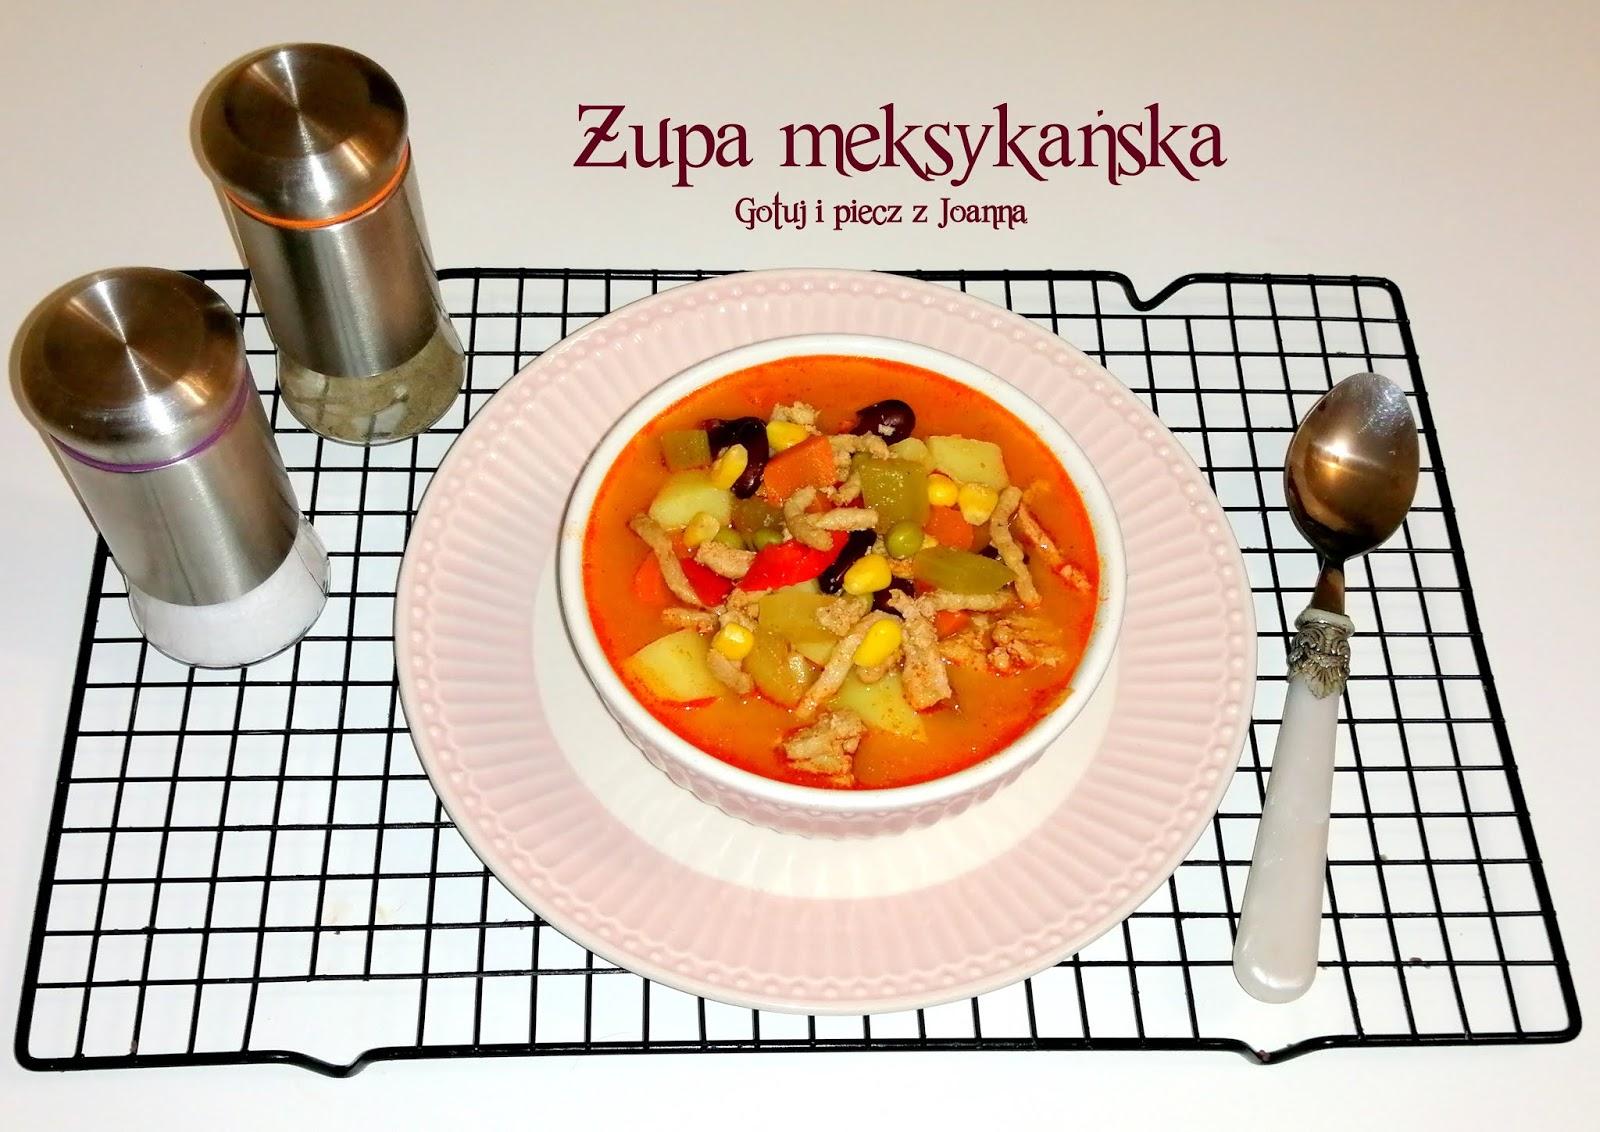 Zupa meksykańska